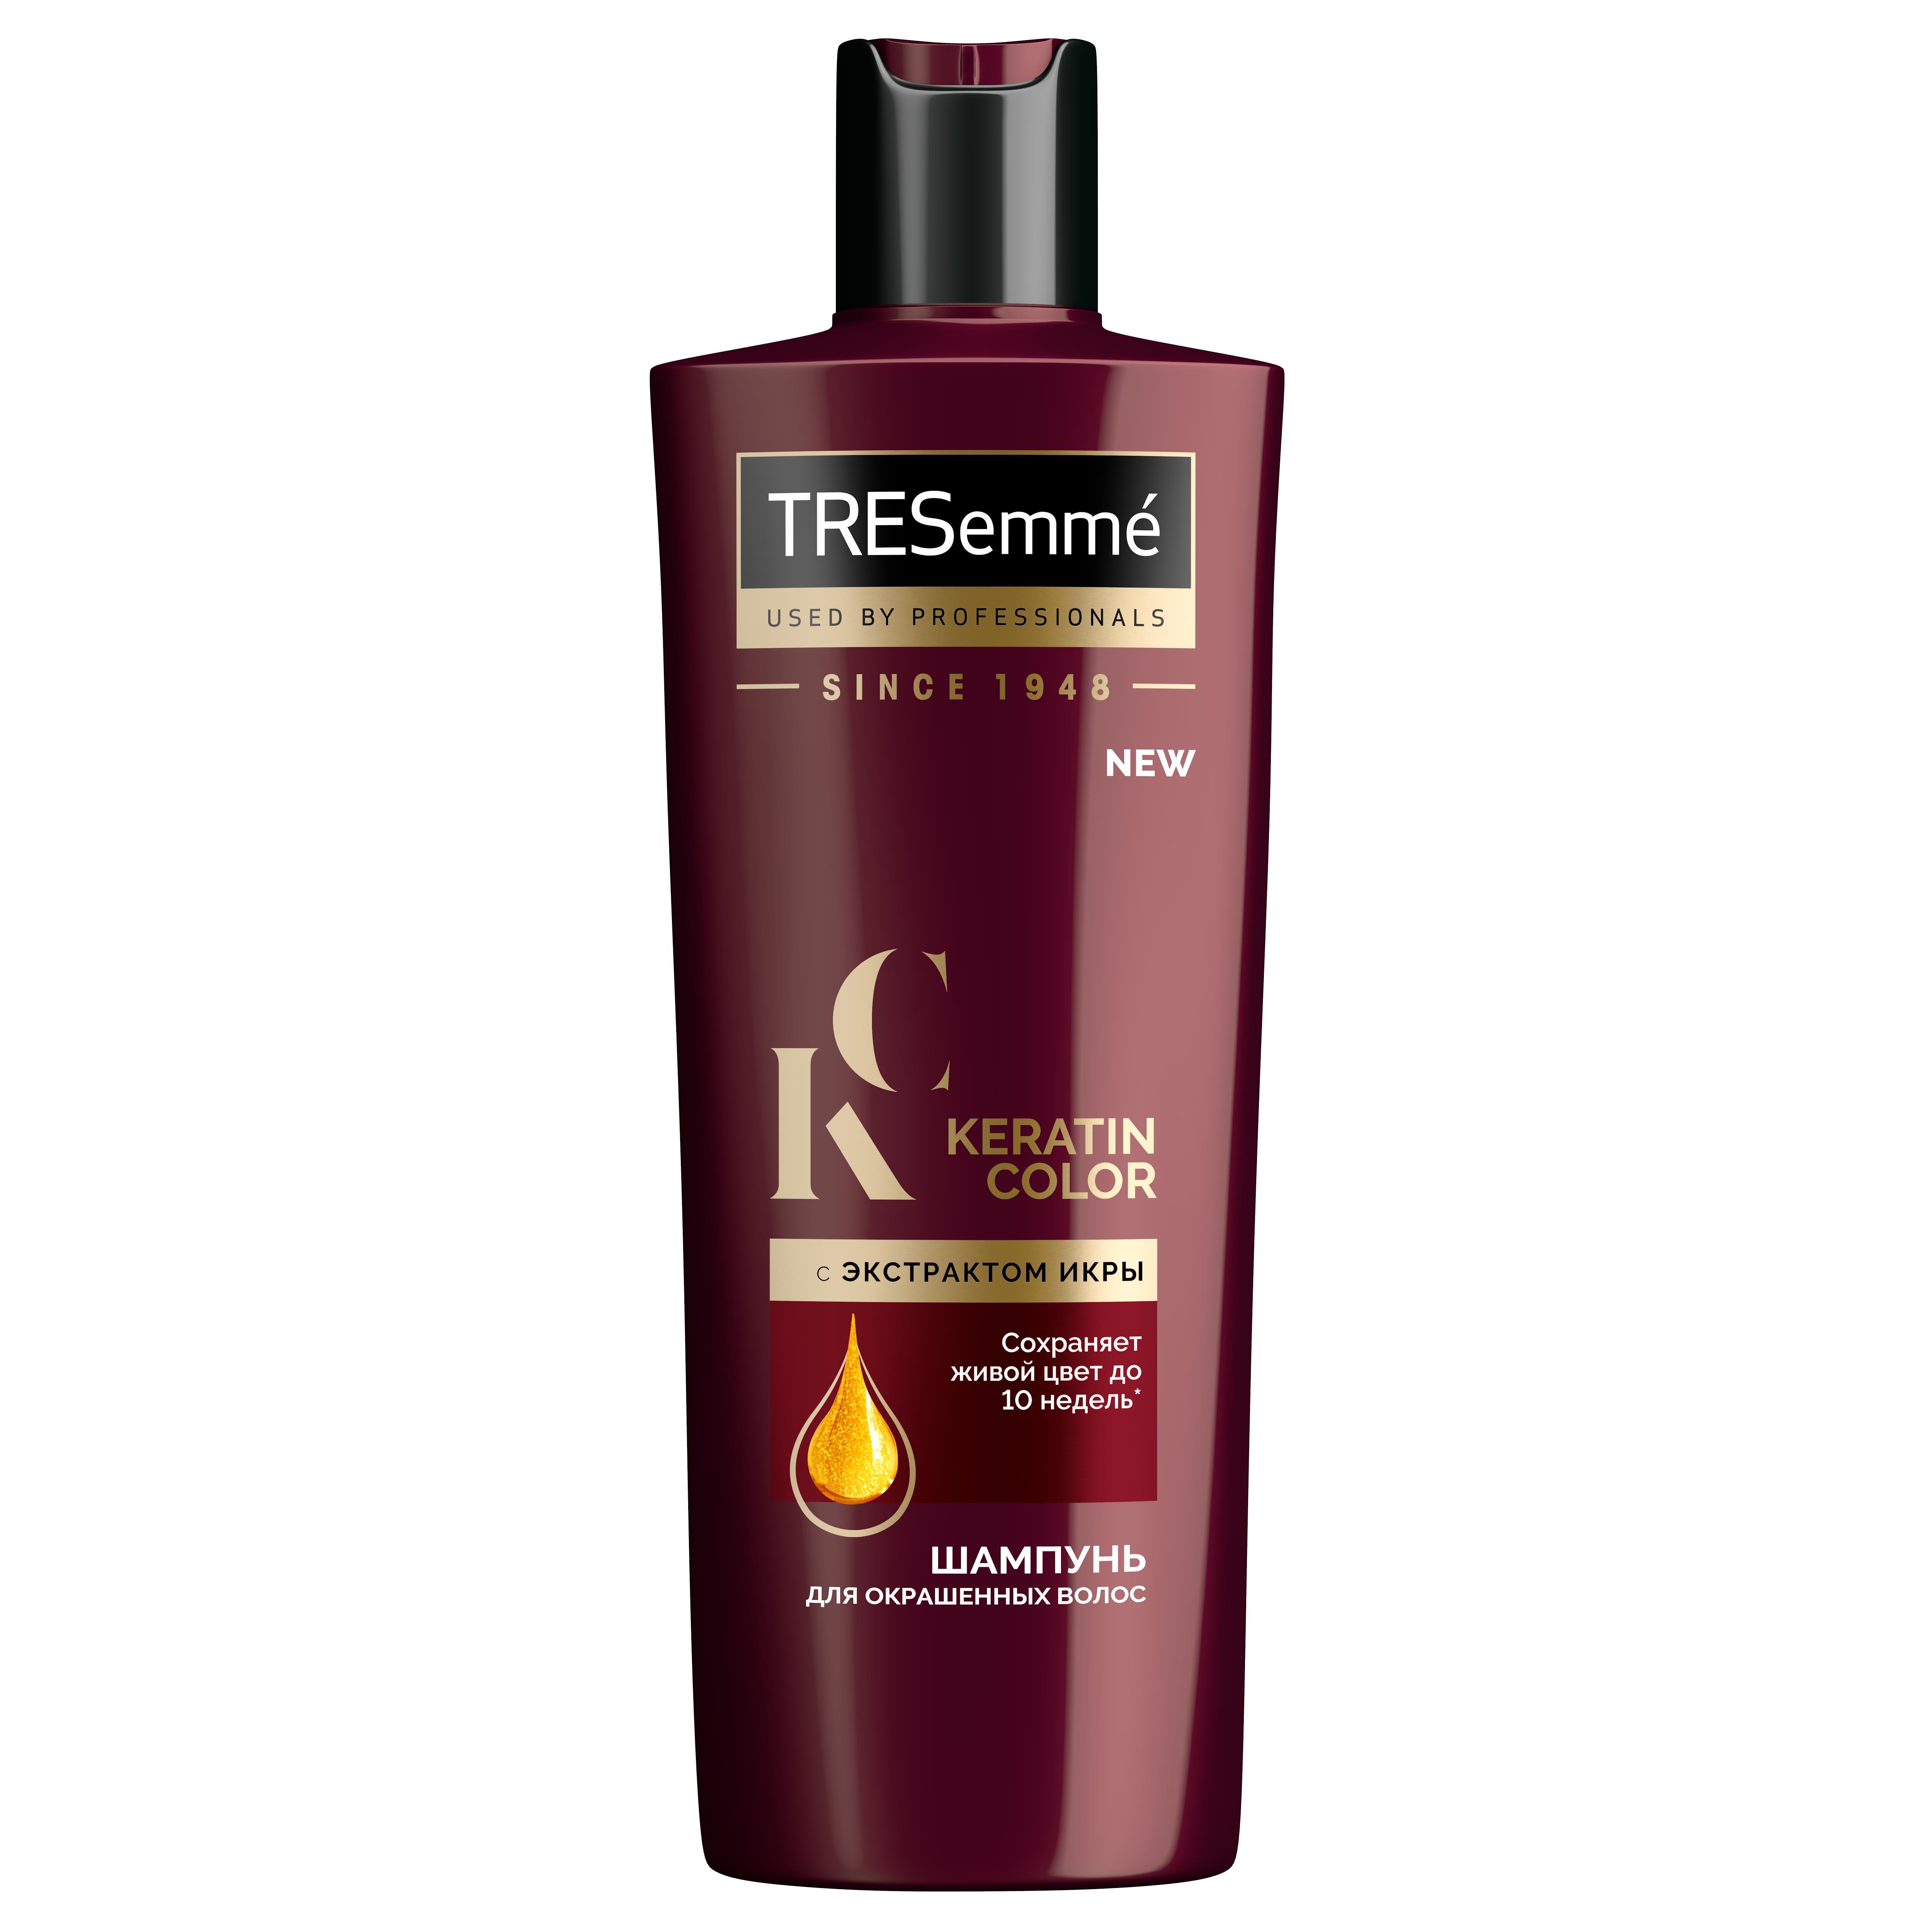 Купить Шампунь TRESemme Keratin Color для окрашенных волос 400 мл